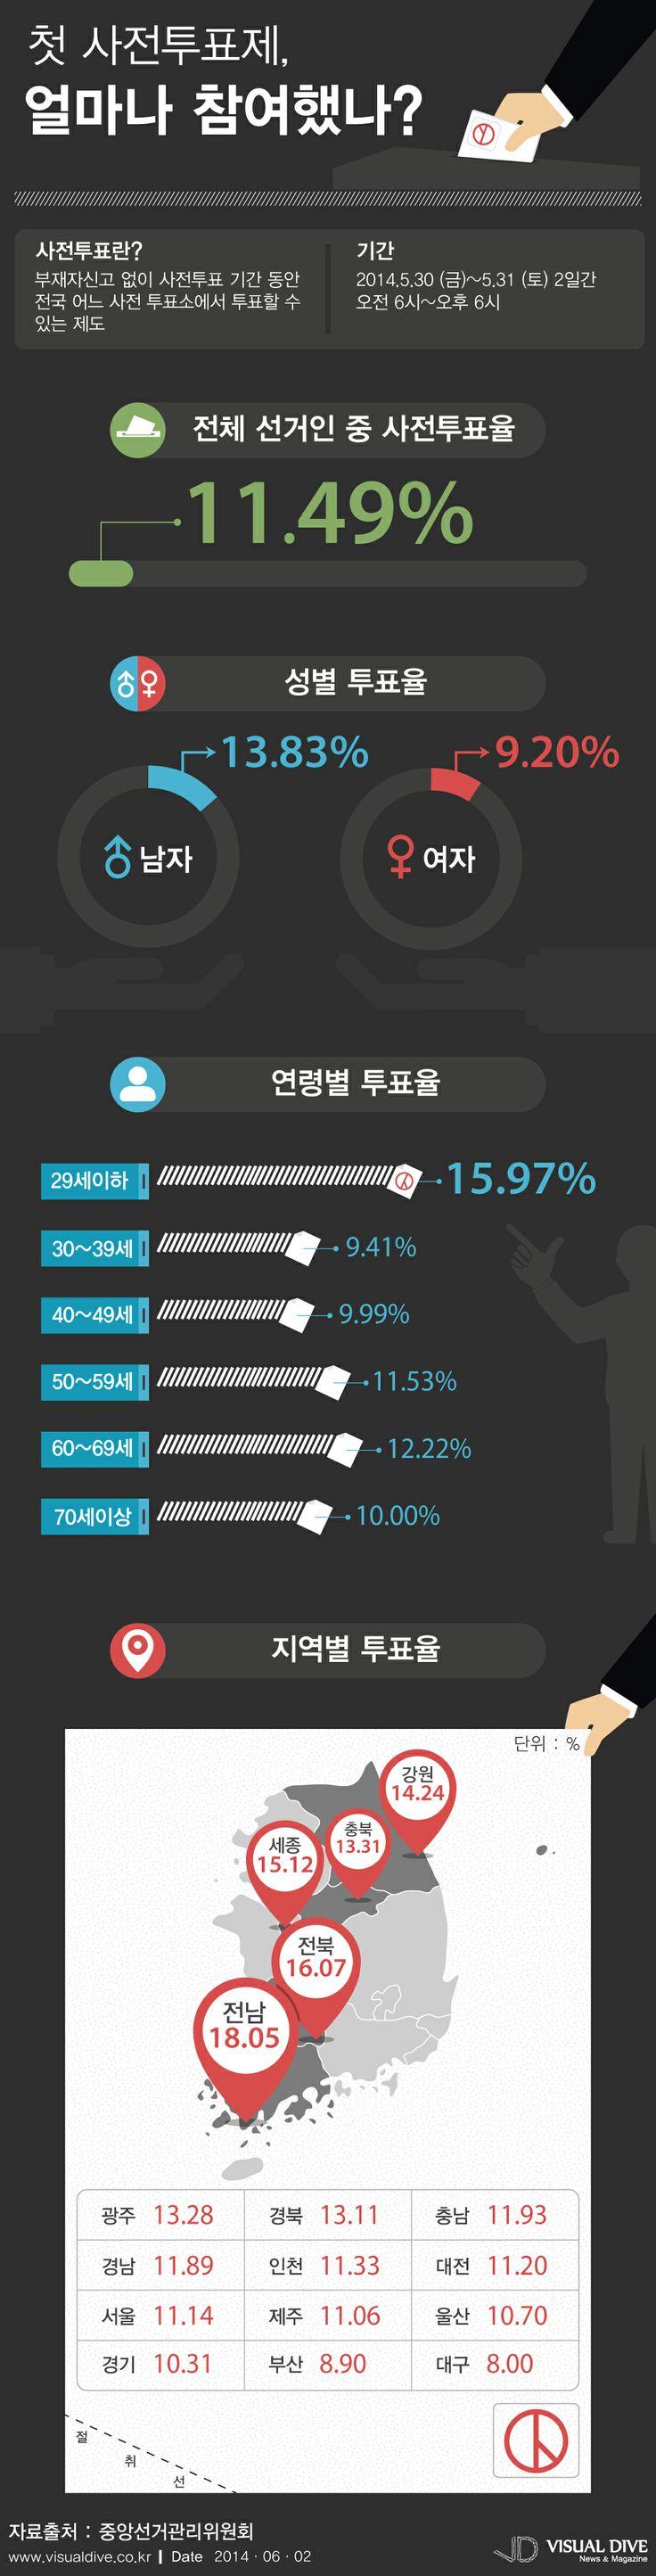 사전투표, 11.49% 참여…20대 투표율 가장 높아 [인포그래픽] #tag / #Infographic ⓒ 비주얼다이브 무단 복사·전재·재배포 금지